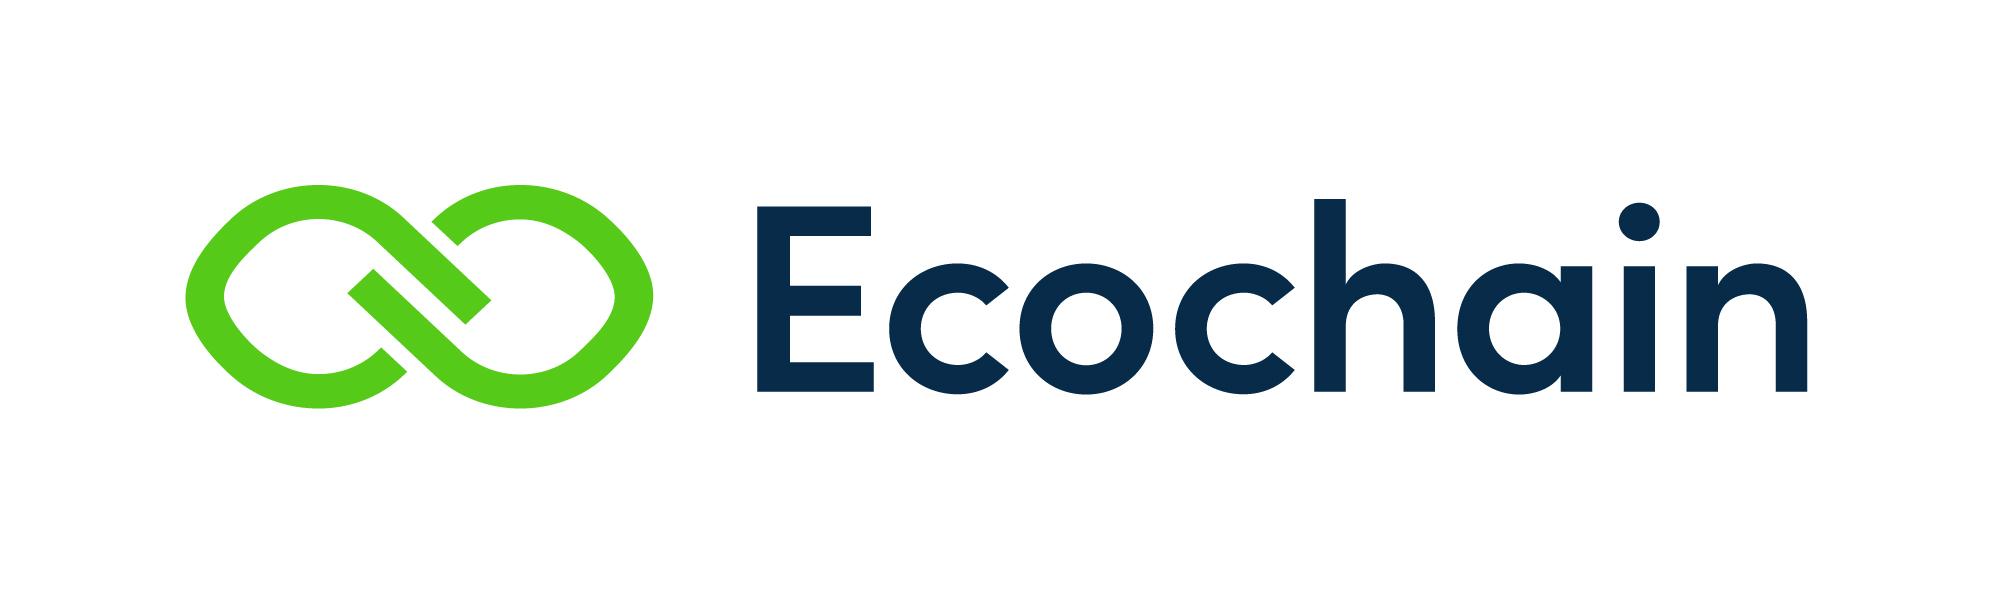 1.ecochain_logo_on_white kopie